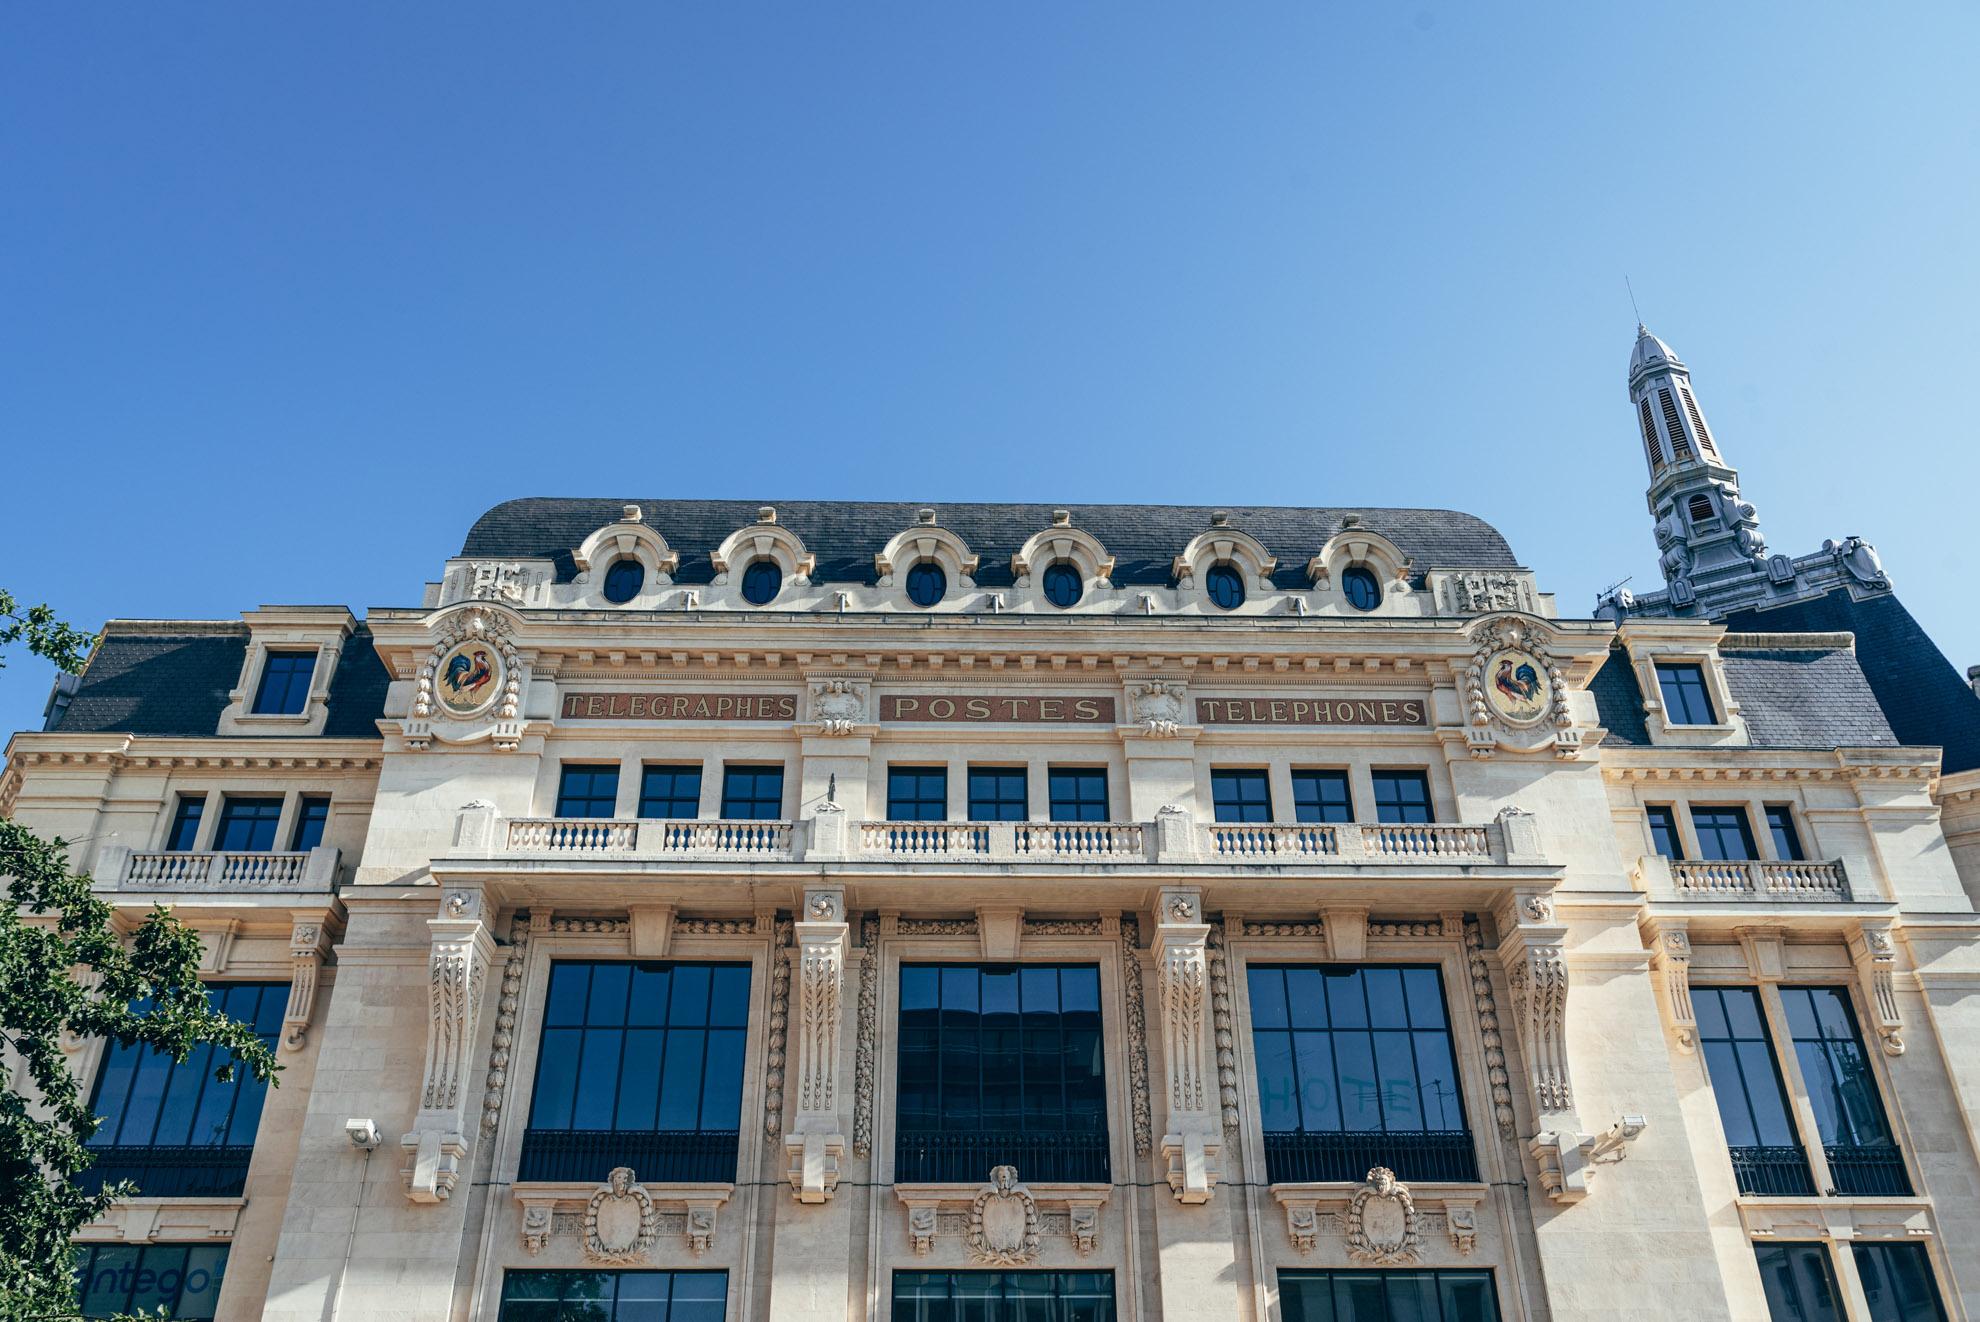 Hôtel des Postes de Dijon - dawna siedziba PTT (Postes, Télégraphes et Téléphones)